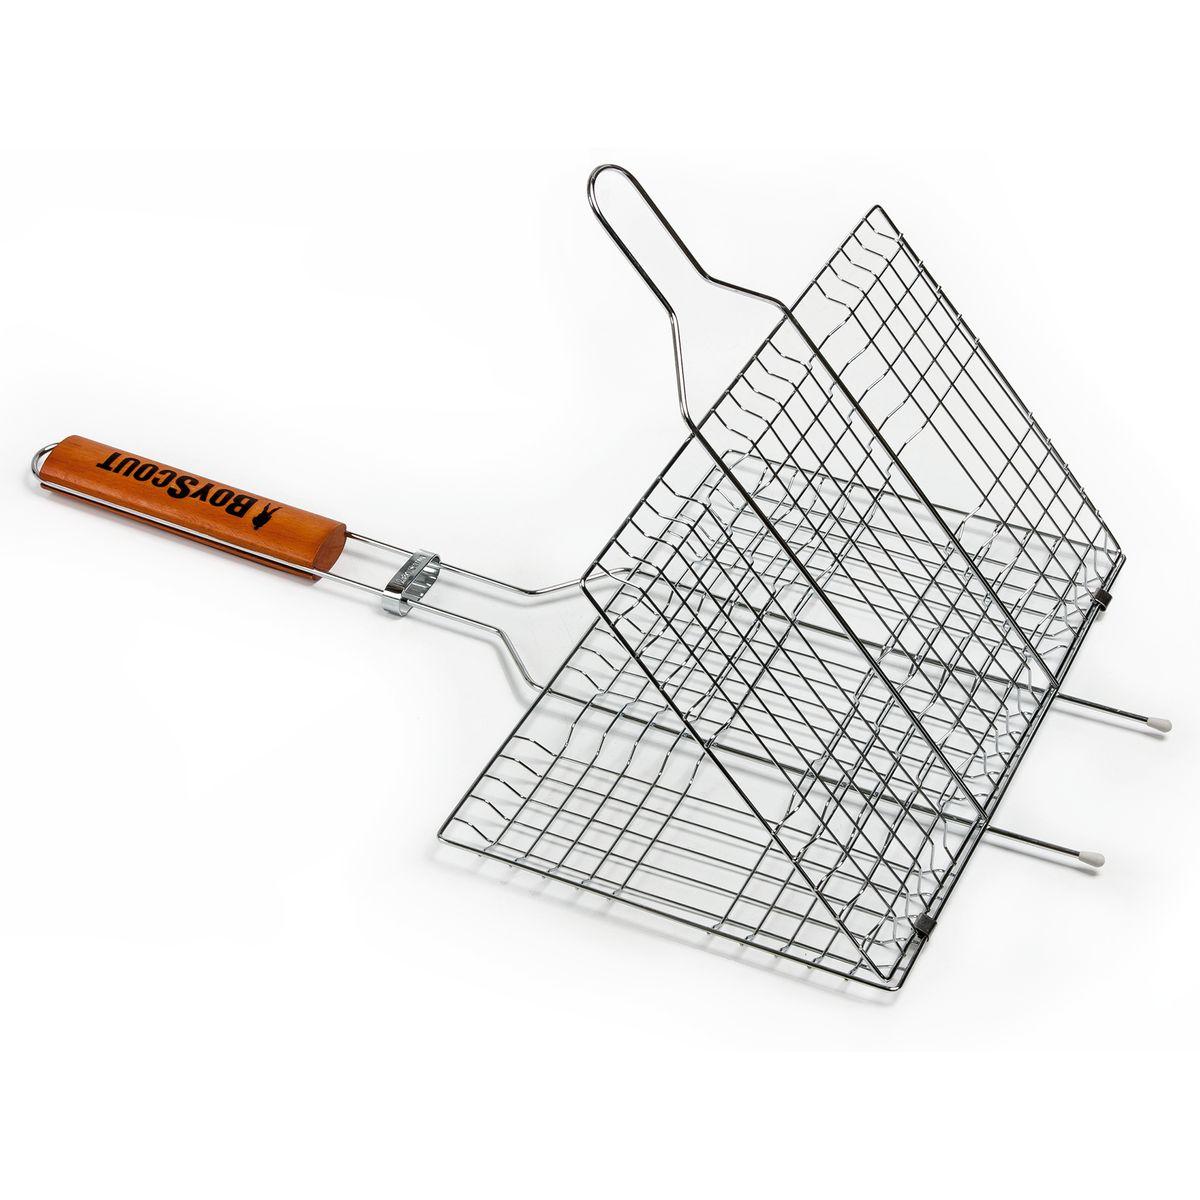 Решетка-гриль  Boyscout , универсальная, 59 х 33 х 2,5 см + ПОДАРОК: Веер для розжига  Boyscout  - Посуда для приготовления